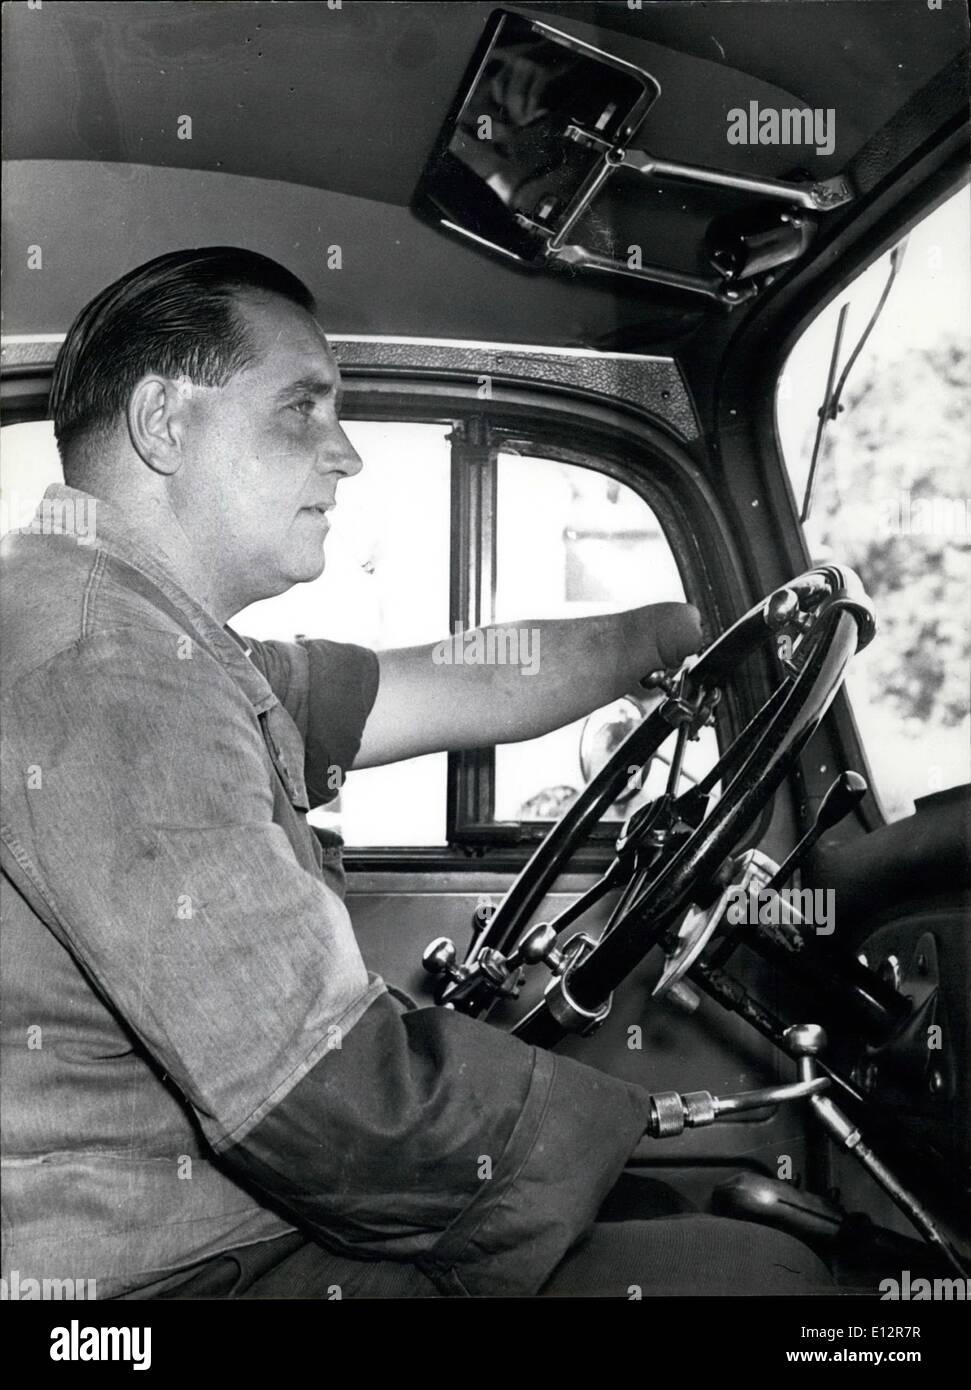 25 février 2012 - Pilotes sans mains. a gagné le concours pour les conducteurs de camion à Munich. Ferdinand Stieler perdu ses mains durant la dernière guerre par la mienne. Il s'est joint à l'épreuve d'aptitude de l'ADAC à Munich dimanche dernier et a gagné. Stieler's profession: chauffeur de camion. Il a en fait 430.000 km sans accident. Photo Keystone 17.9.56 Photo Stock